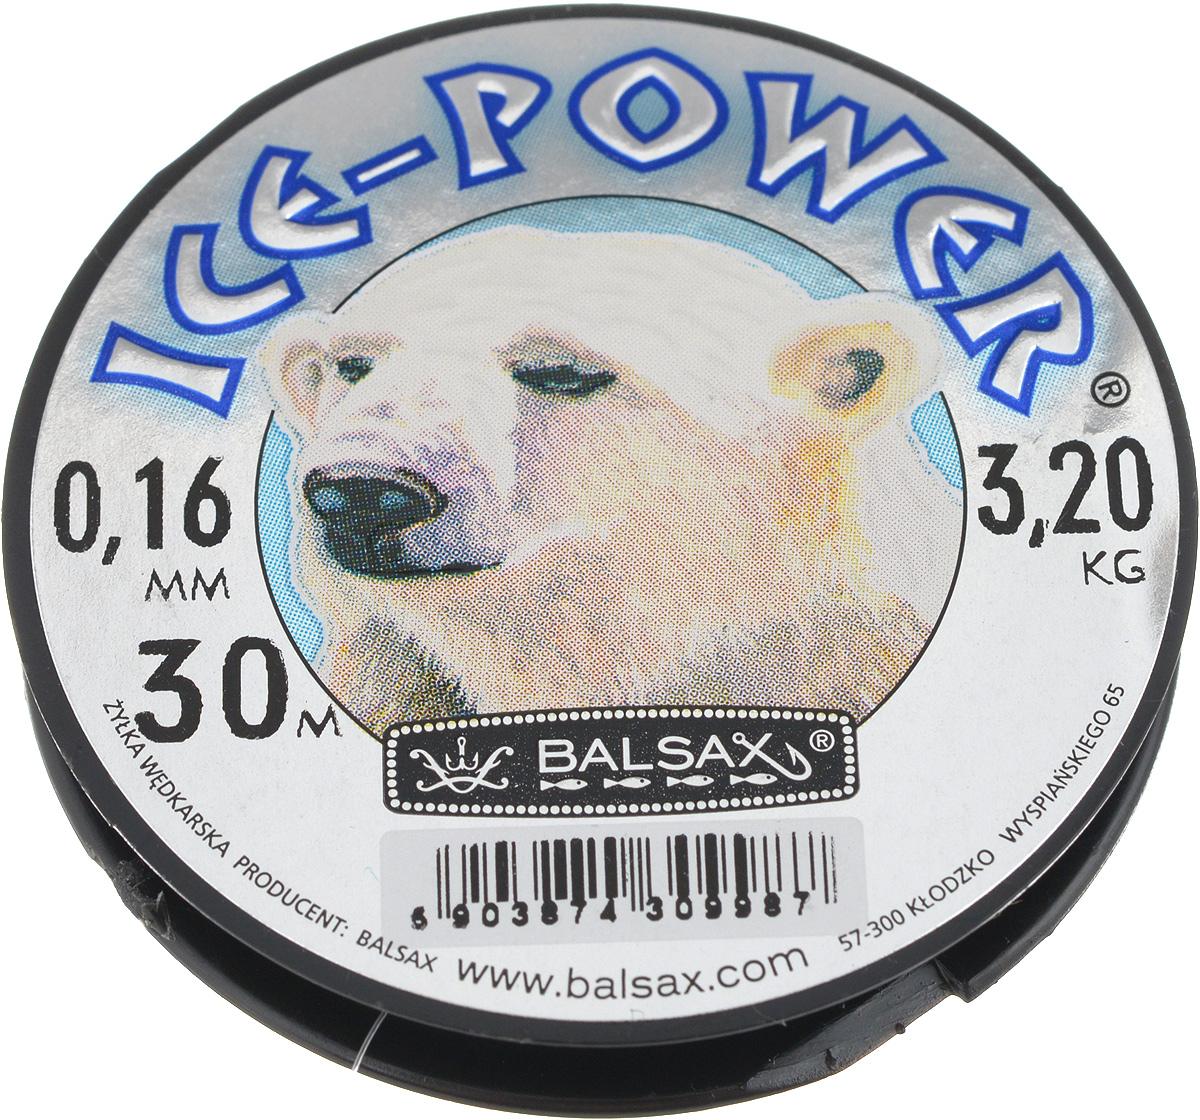 Леска зимняя Balsax Ice Power, 30 м, 0,16 мм, 3,2 кг310-05016Леска Balsax Ice Power изготовлена из 100% нейлона и очень хорошо выдерживает низкие температуры. Даже в самом холодном климате, при температуре вплоть до -40°C, она сохраняет свои свойства практически без изменений, в то время как традиционные лески становятся менее эластичными и теряют прочность. Поверхность лески обработана таким образом, что она не обмерзает и отлично подходит для подледного лова. Прочна в местах вязки узлов даже при минимальном диаметре.